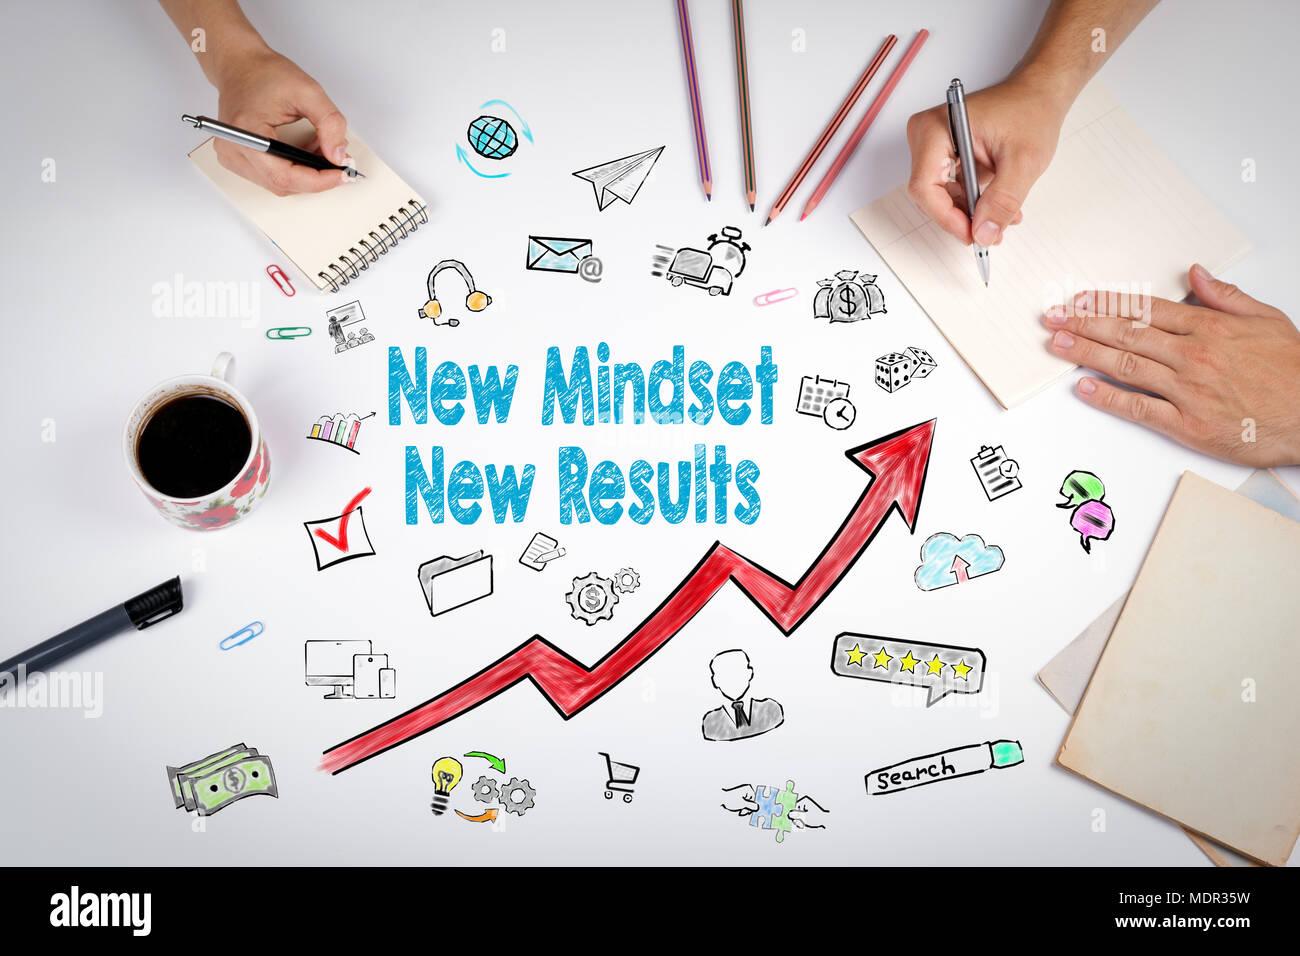 Nueva Mentalidad nuevo concepto de resultados. La reunión de la mesa de oficina en blanco Imagen De Stock